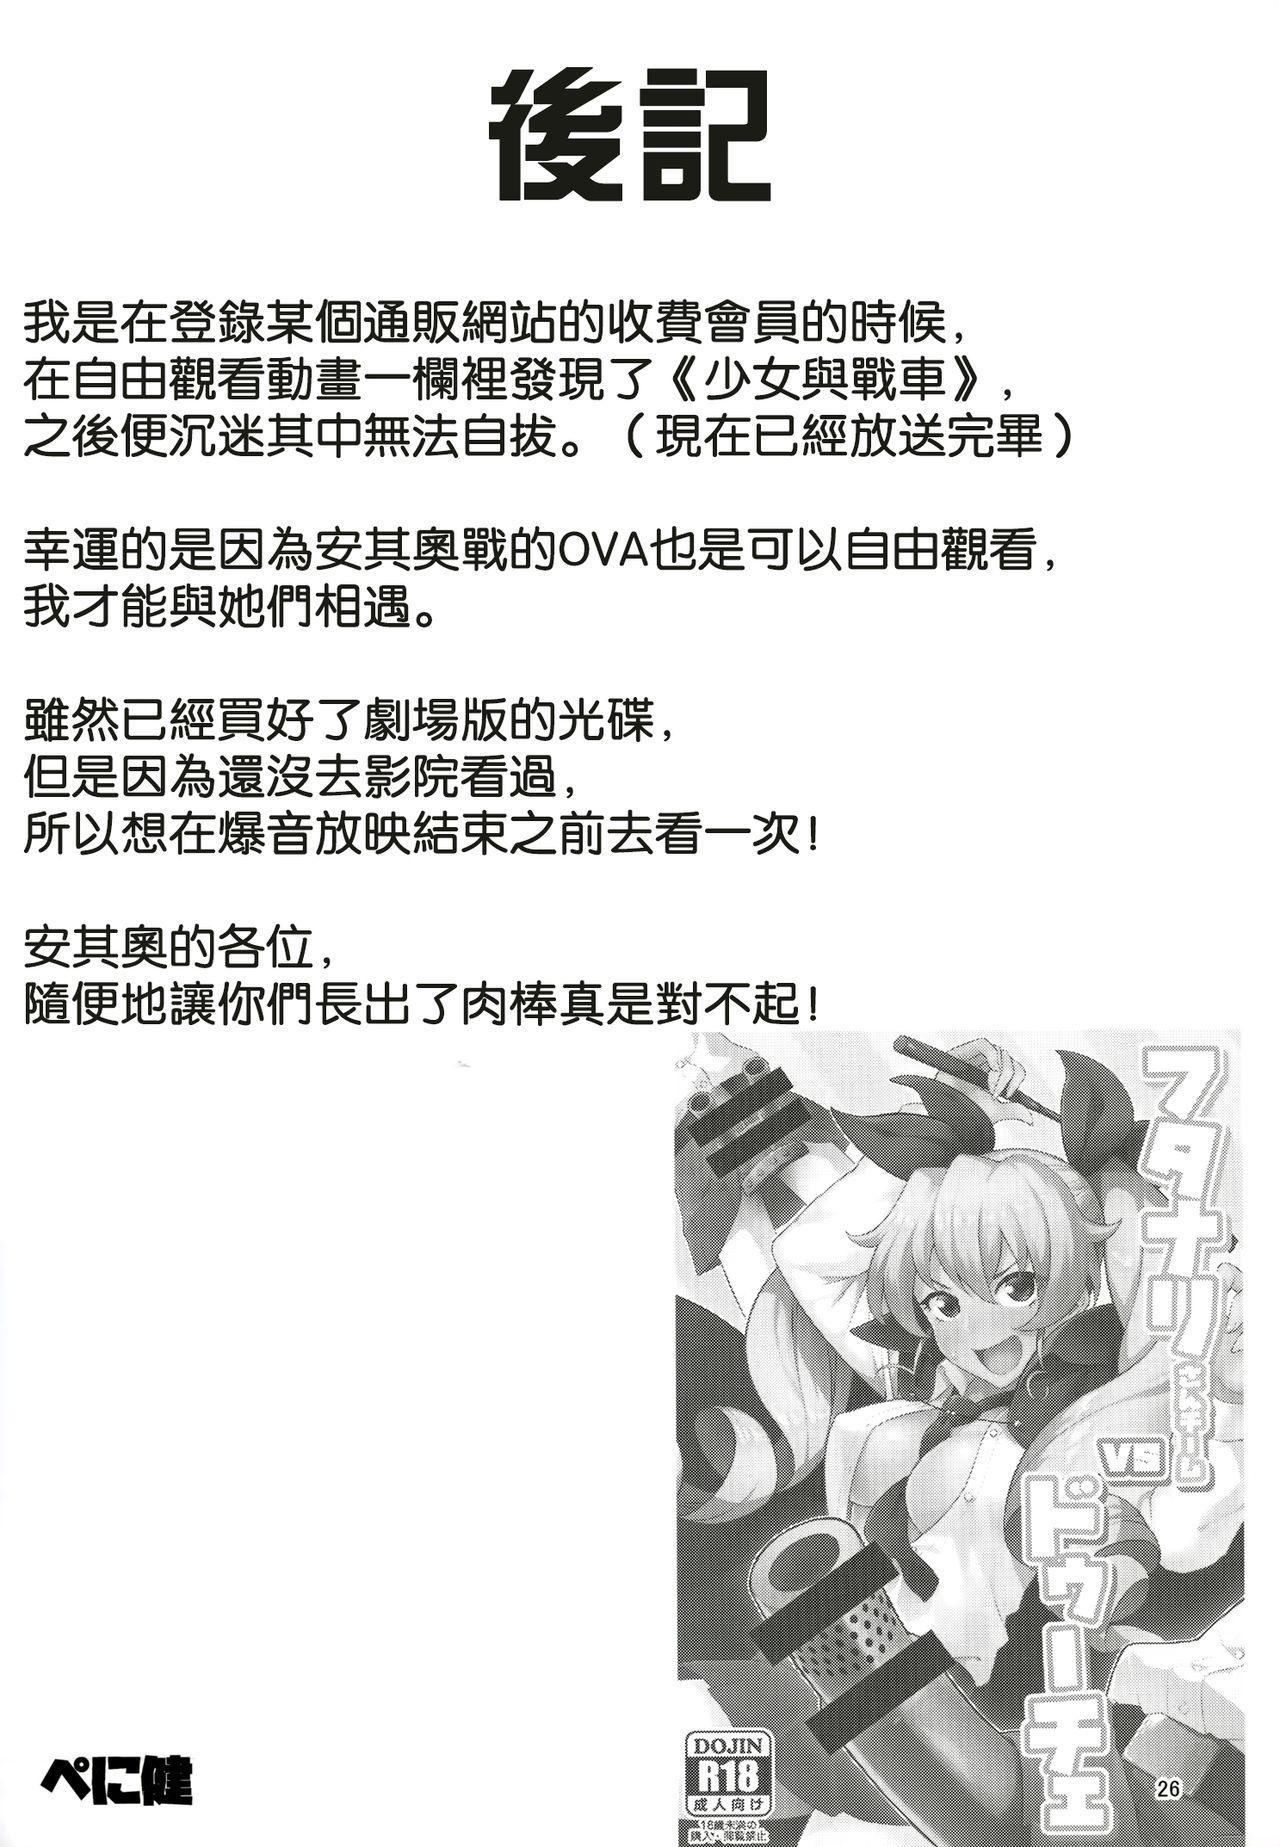 Futanari-san Team vs Duce 22